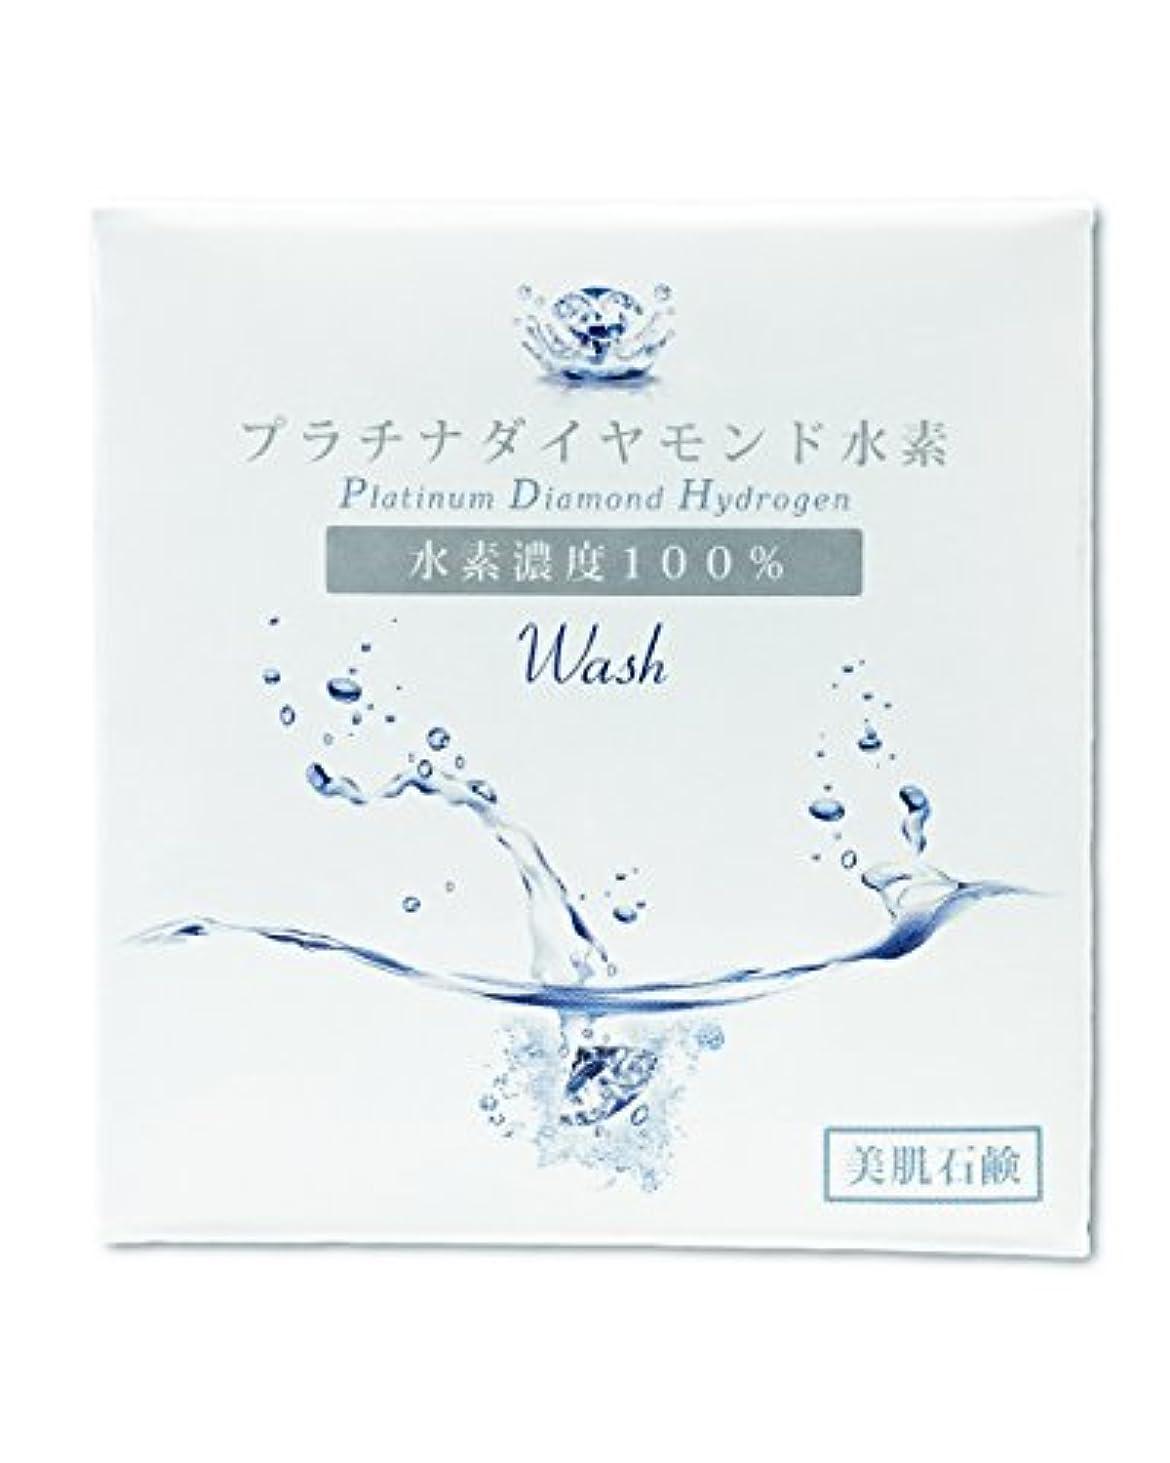 ロッド来てマーキー水素石鹸 プラチナダイヤモンド水素Wash